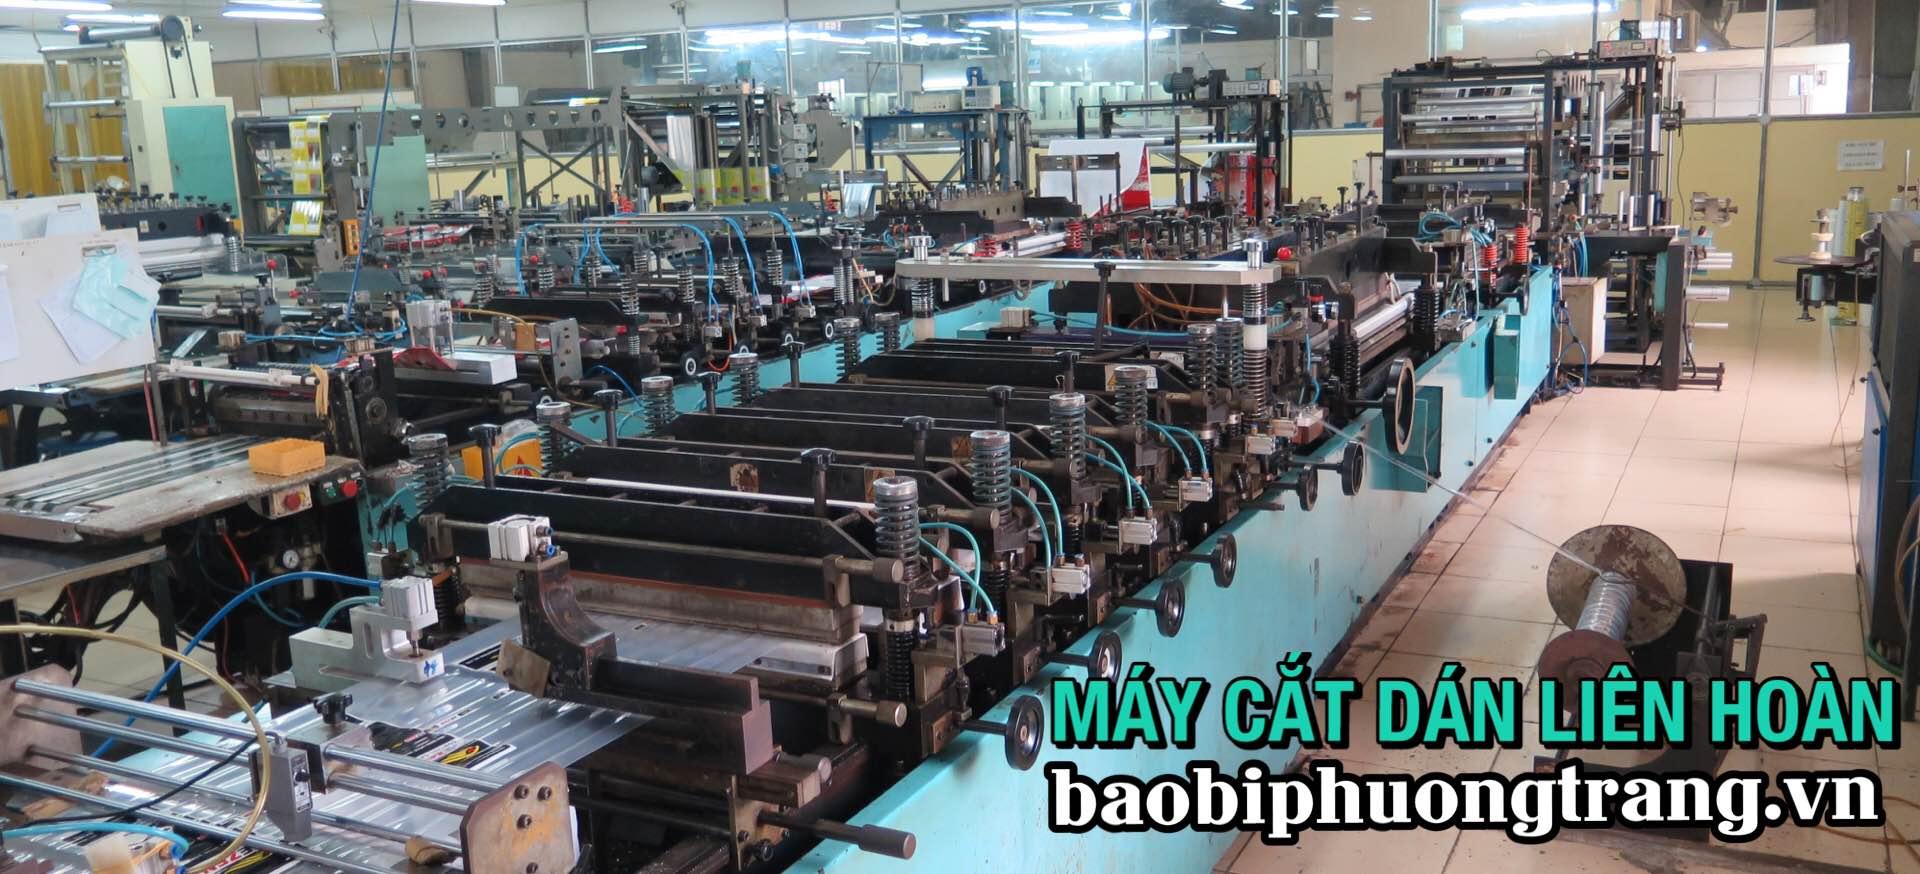 Nhà máy sản xuất bao bì Phương Trang